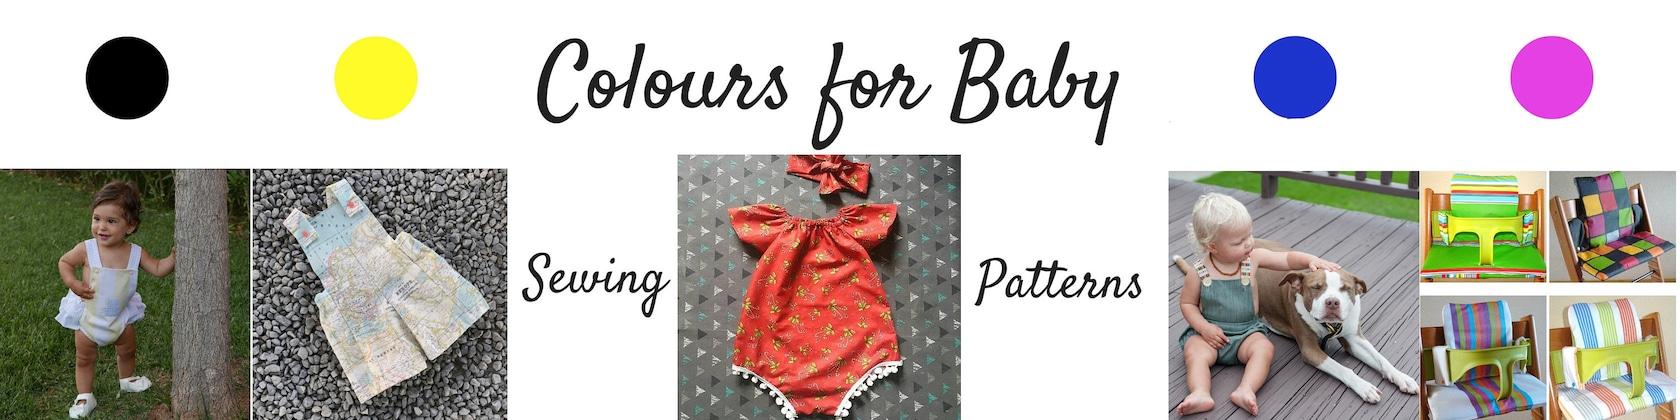 Patrones Únicos de Costura Infantil y Bebés por ColoursforBaby